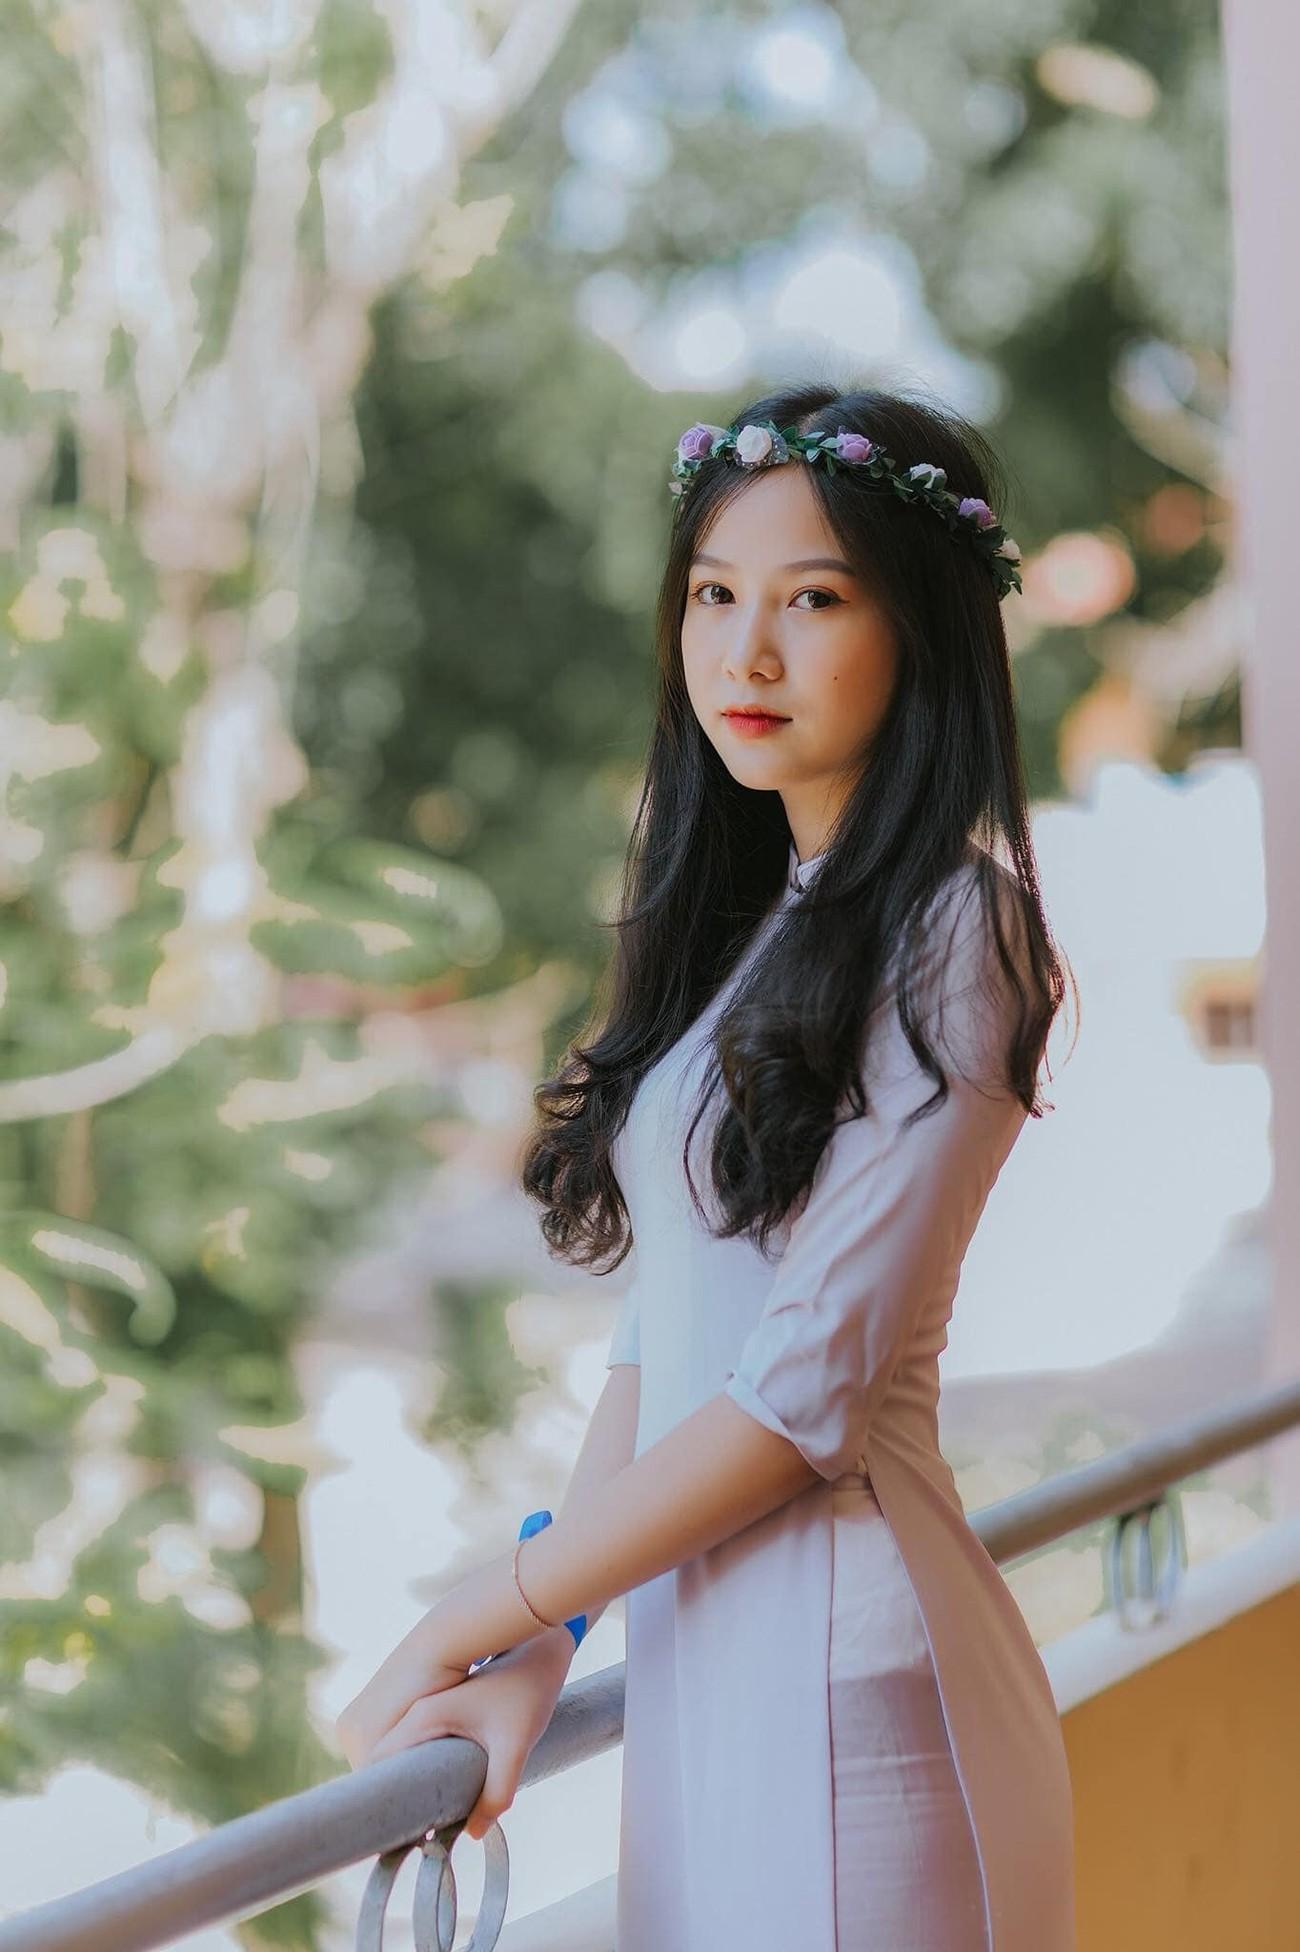 Ảnh cấp 3 cực xinh đẹp của 'Người đẹp có làn da đẹp nhất' Hoa hậu Việt Nam 2020 ảnh 1